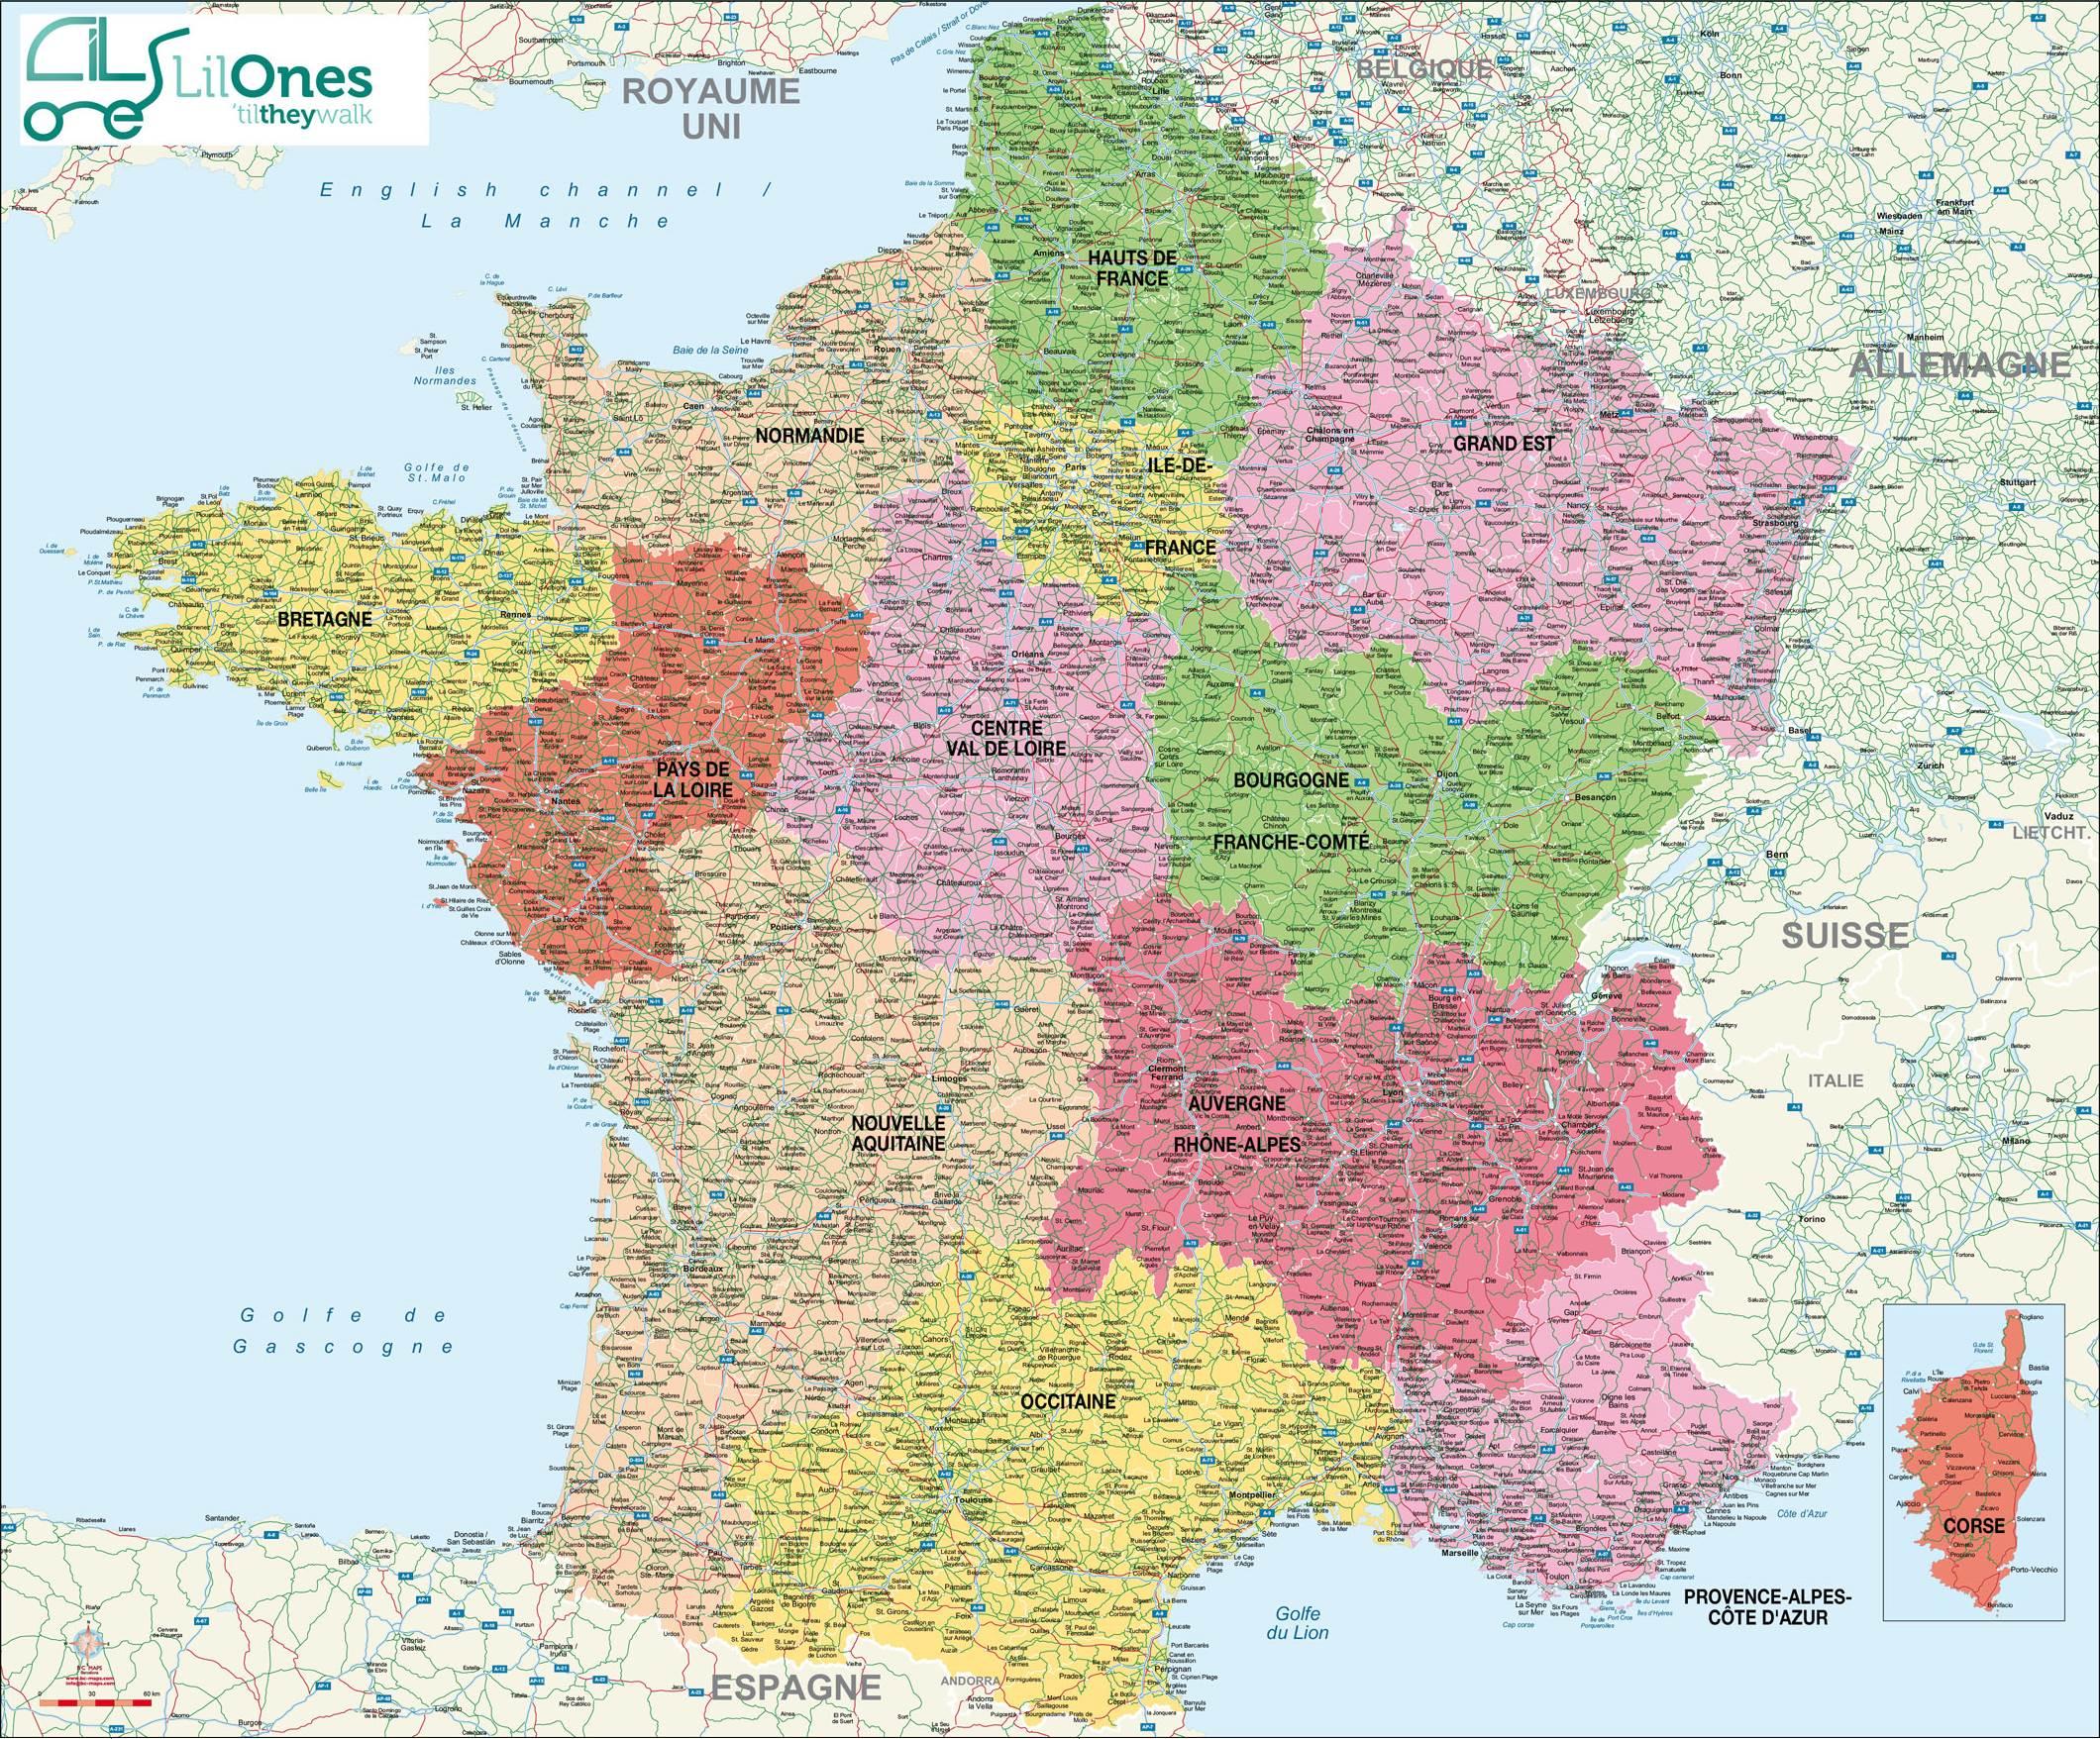 Cartes De France : Cartes Des Régions, Départements Et tout Carte De France Departement À Imprimer